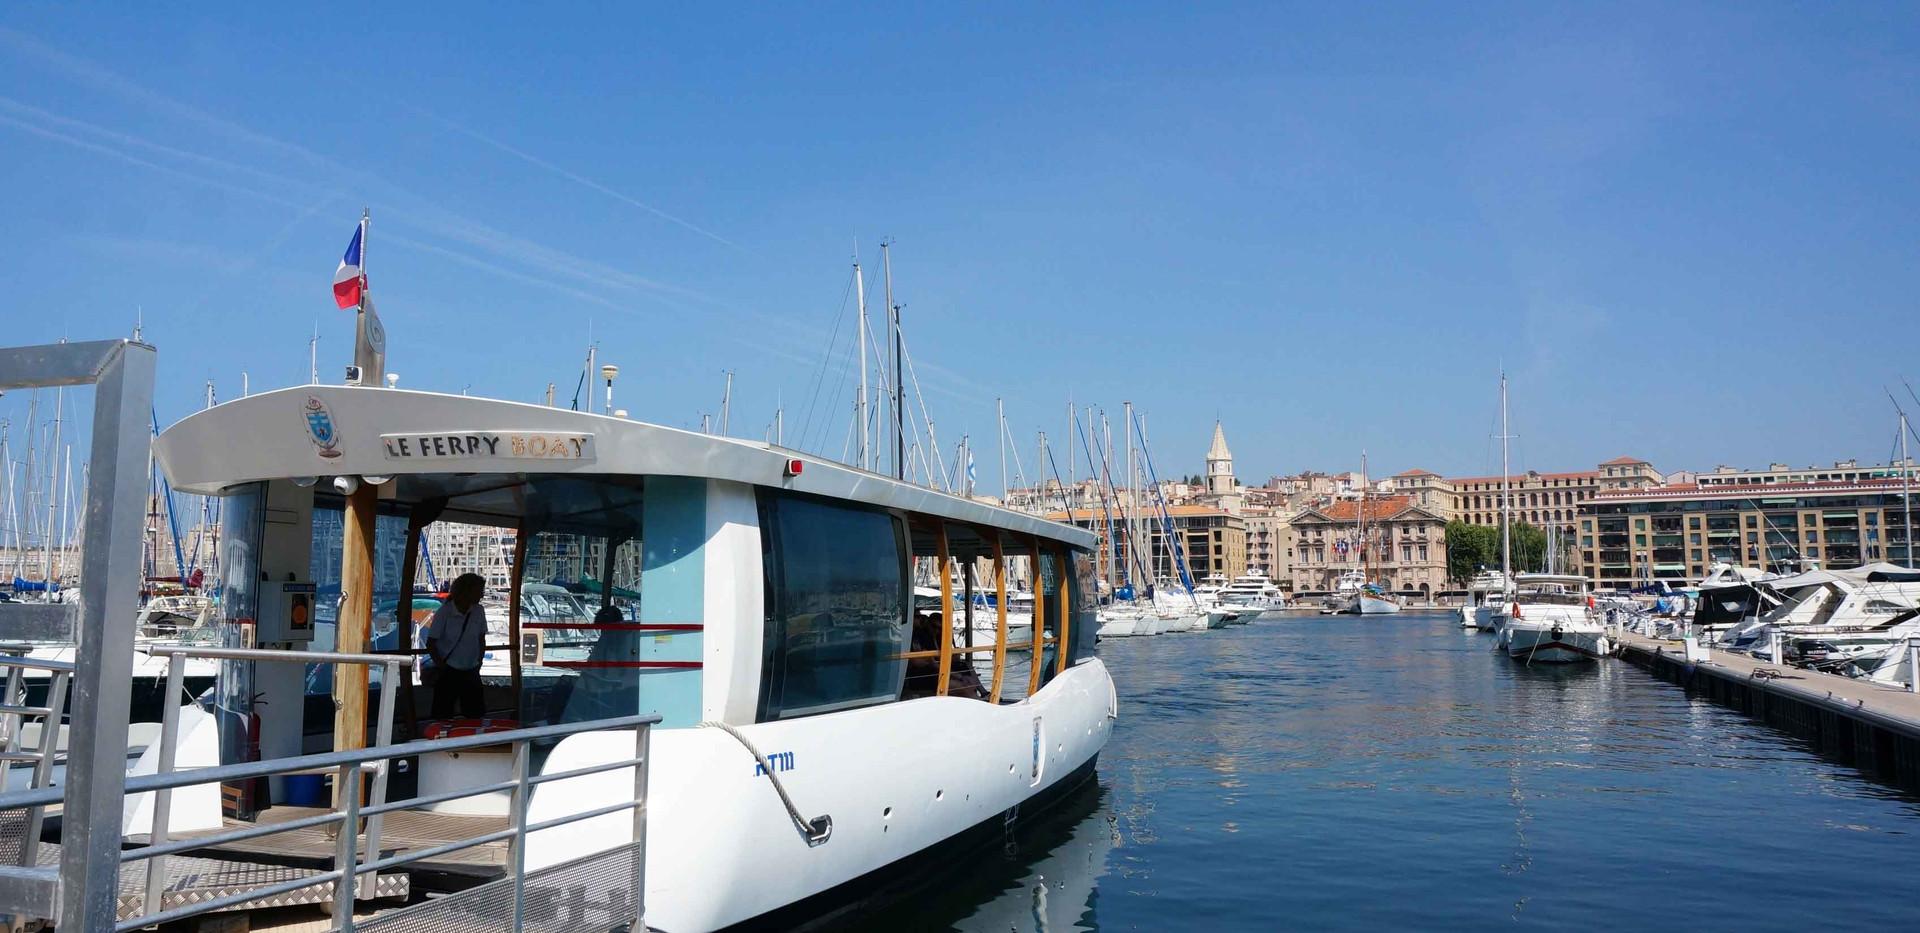 Le Ferry boat Vieux Port de Marseille